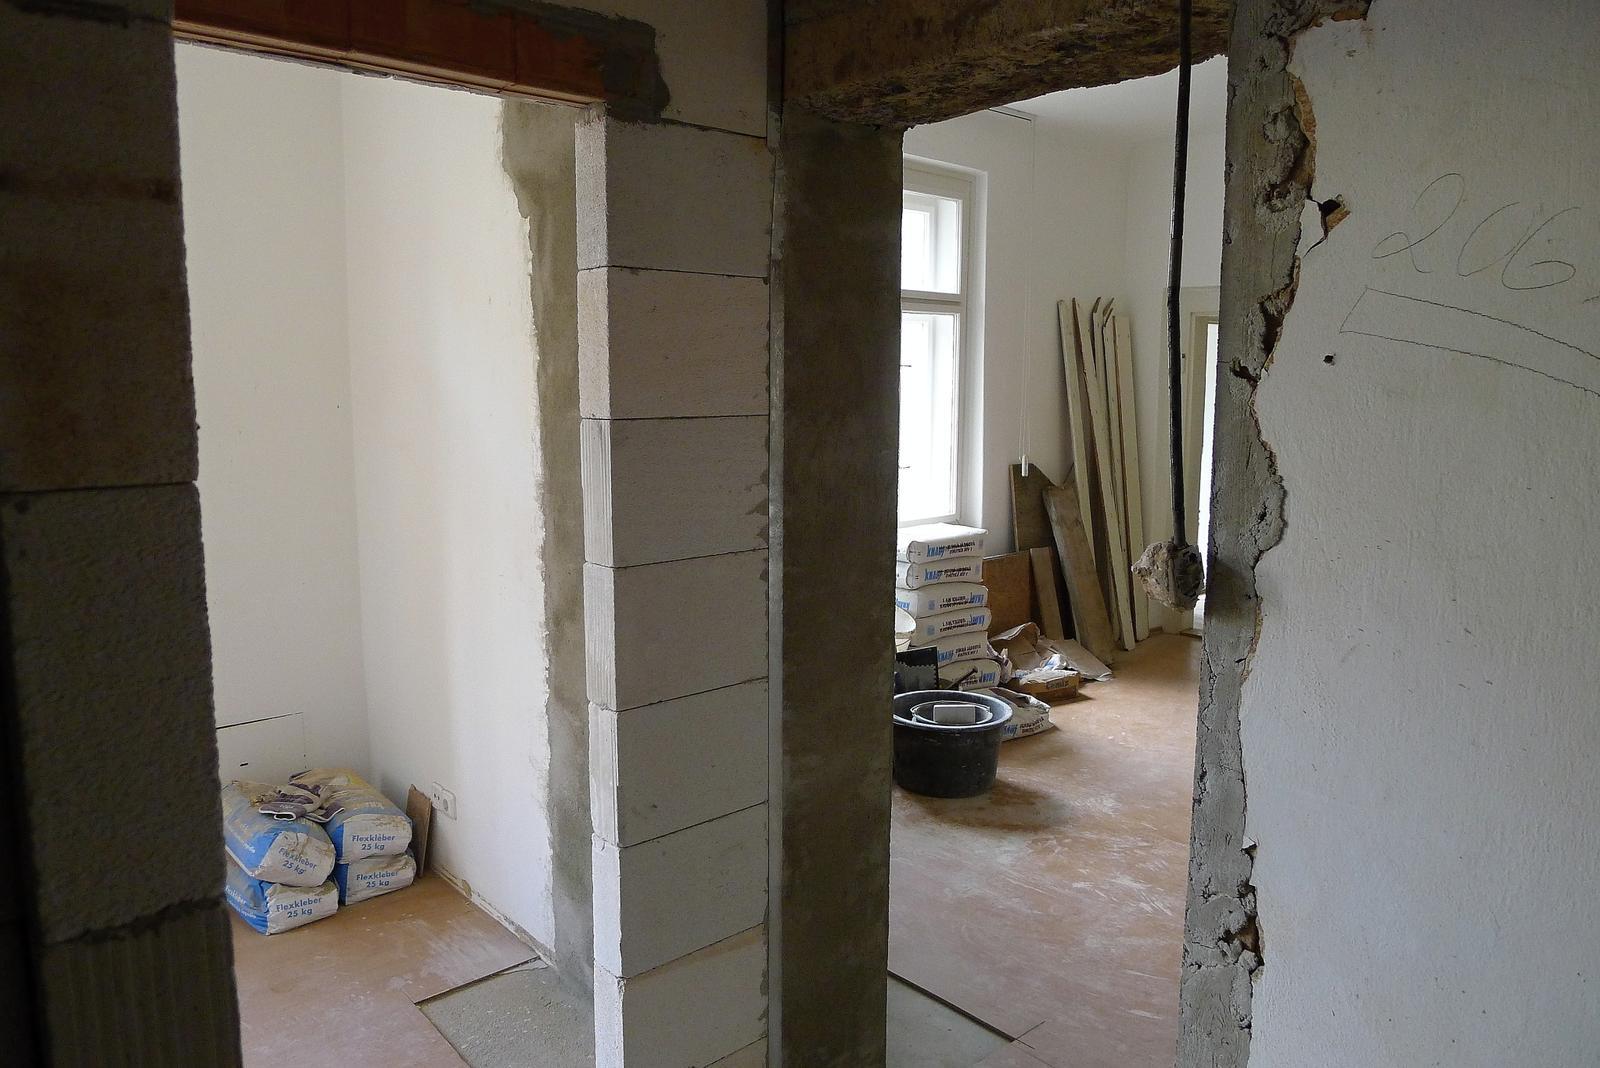 Rekonstrukce našeho domečku - Obrázek č. 29